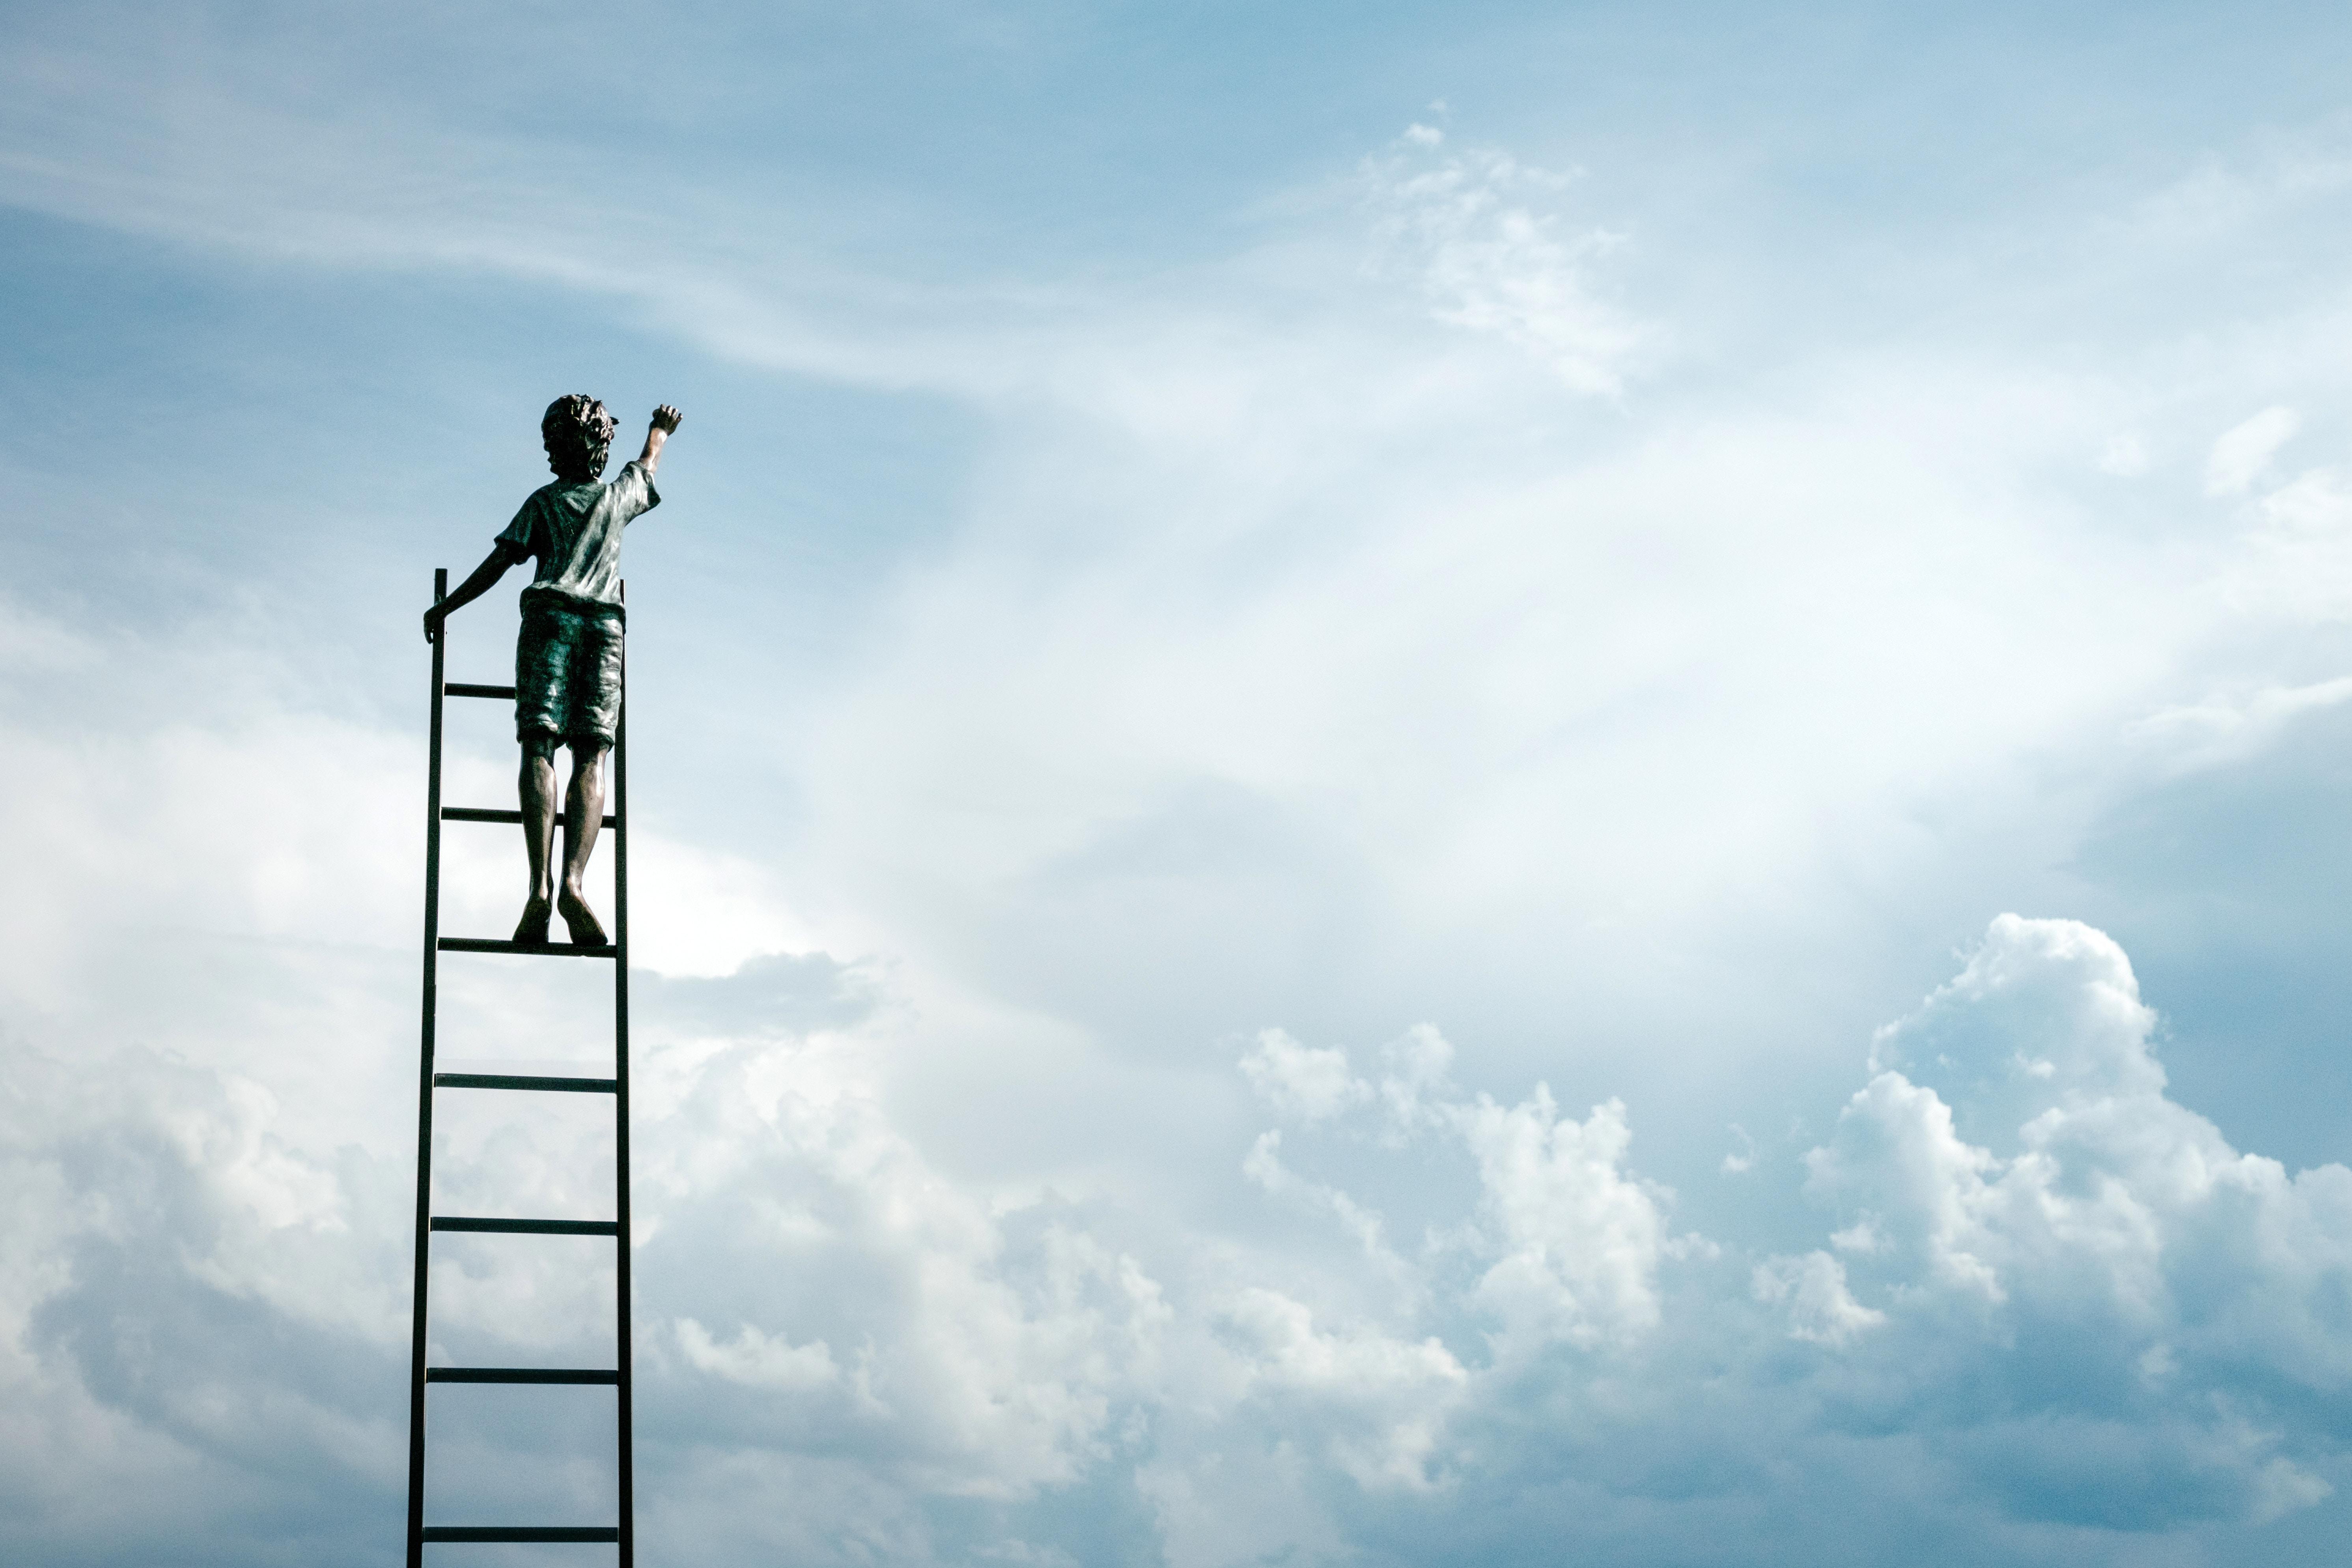 Grit hjälper dig att nå målet